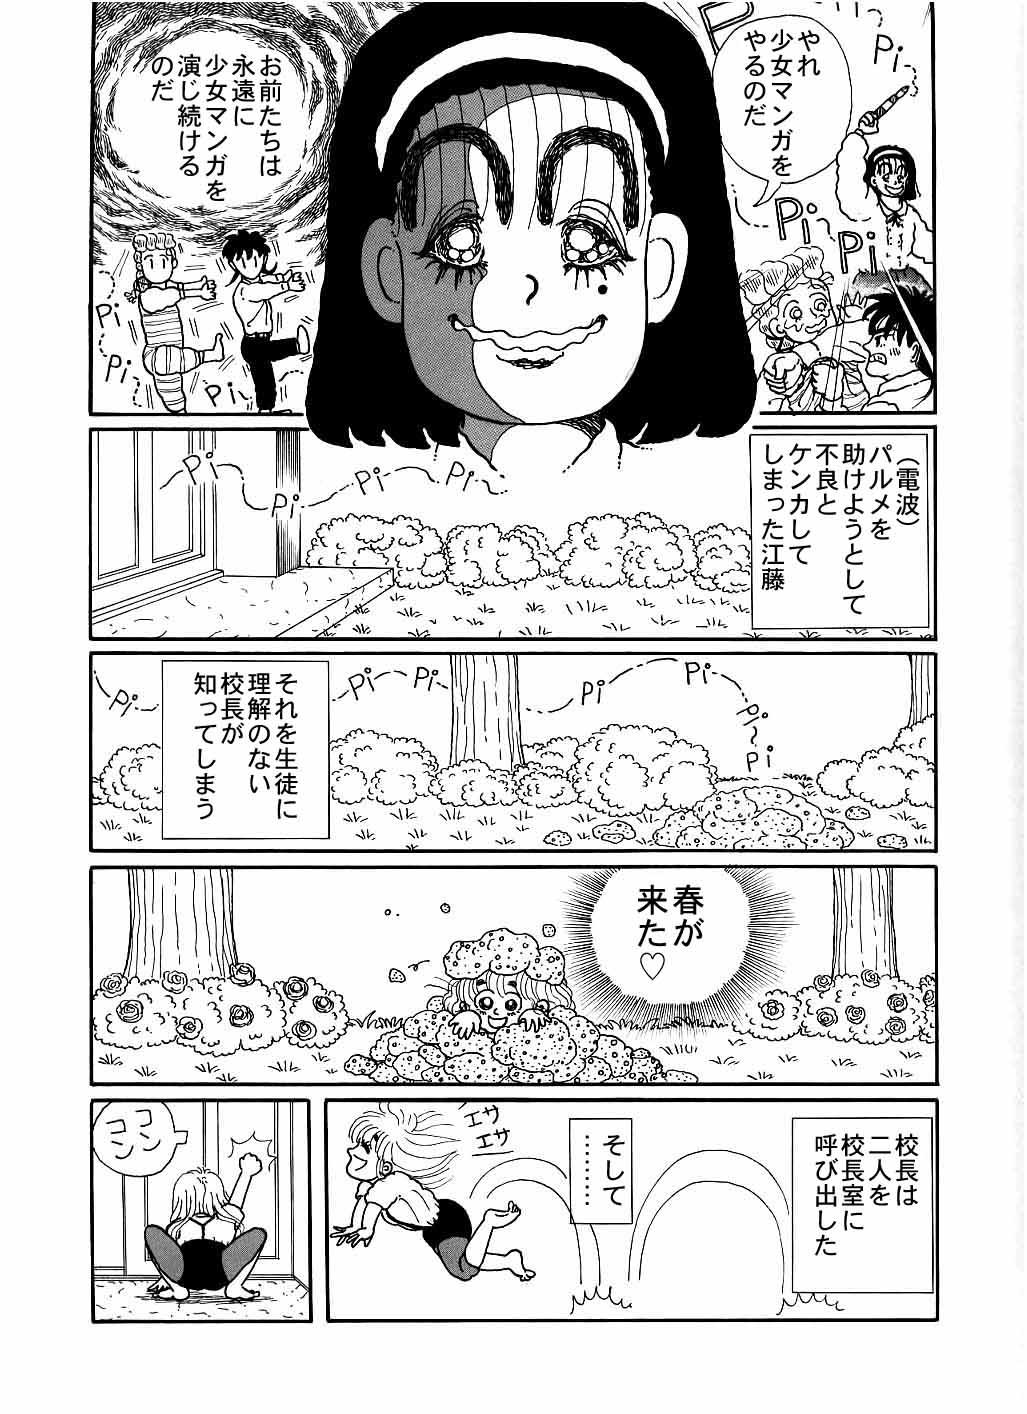 ホラー漫画画像25_20110122033918.jpg